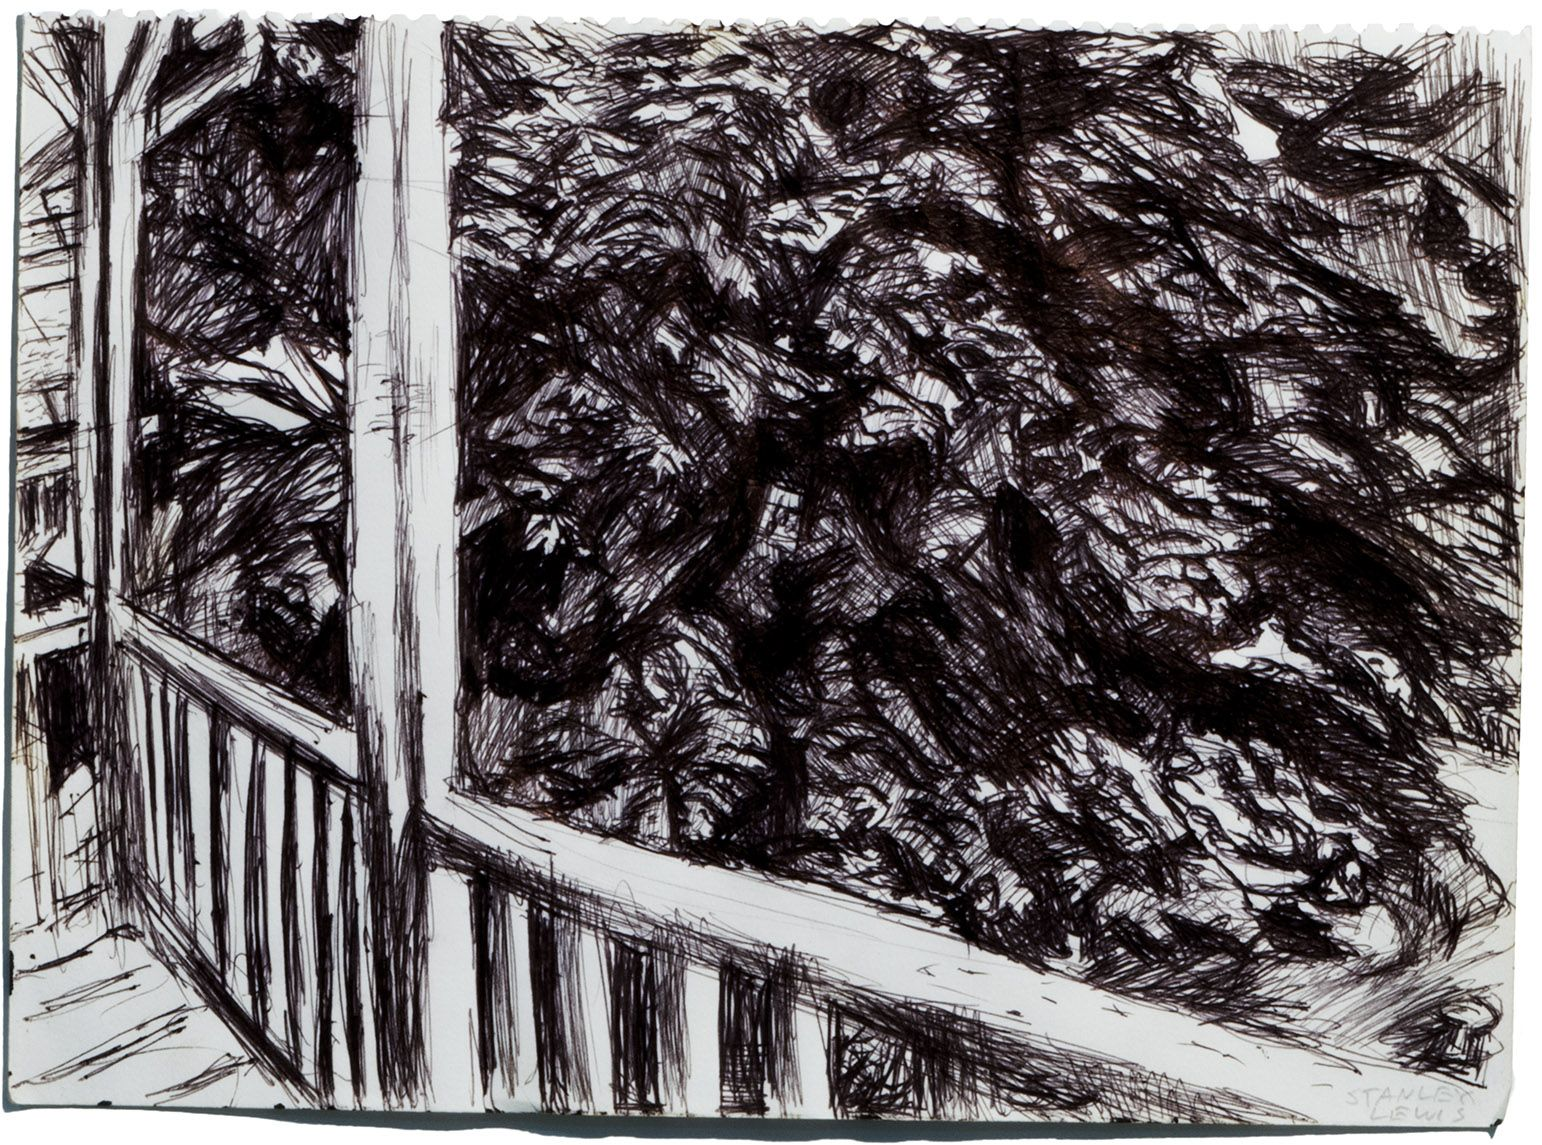 View from Karen's Balcony, c. 2000